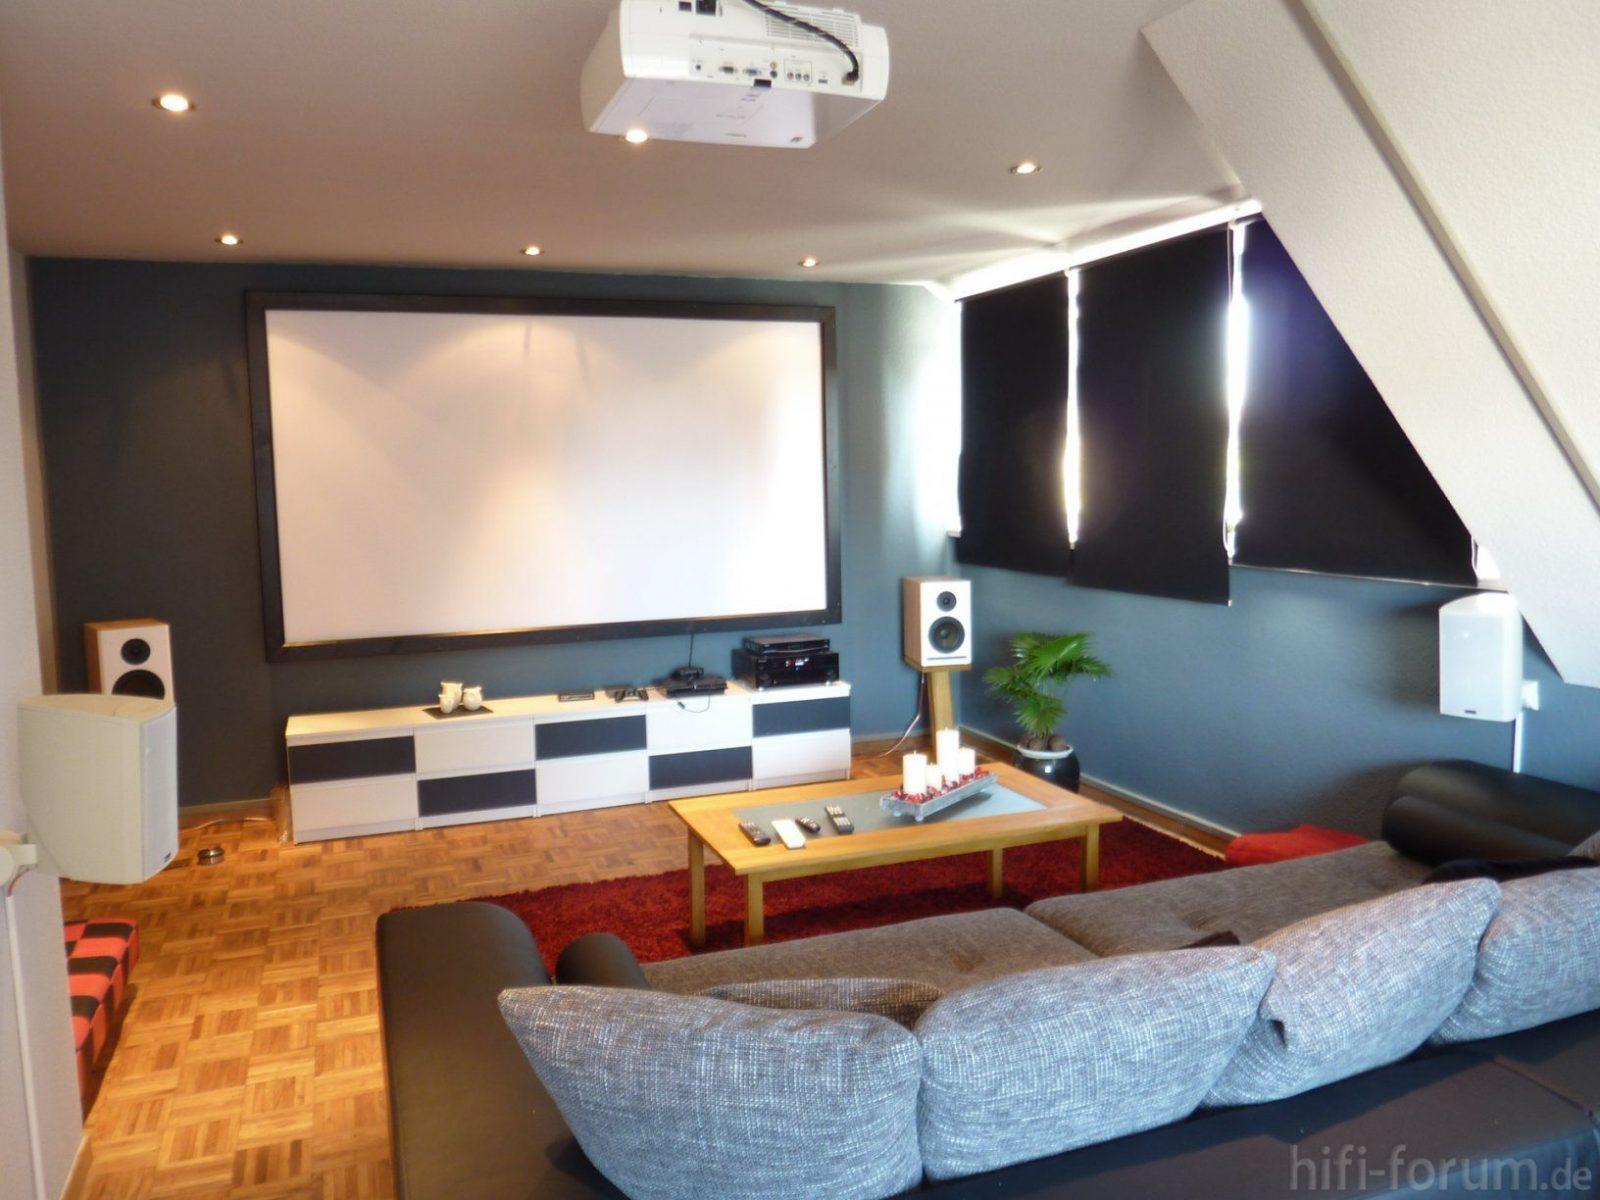 Faszinierend Wohnzimmer Neu Gestalten Tipps Komplett Farblich von Wohnzimmer Neu Gestalten Tipps Photo